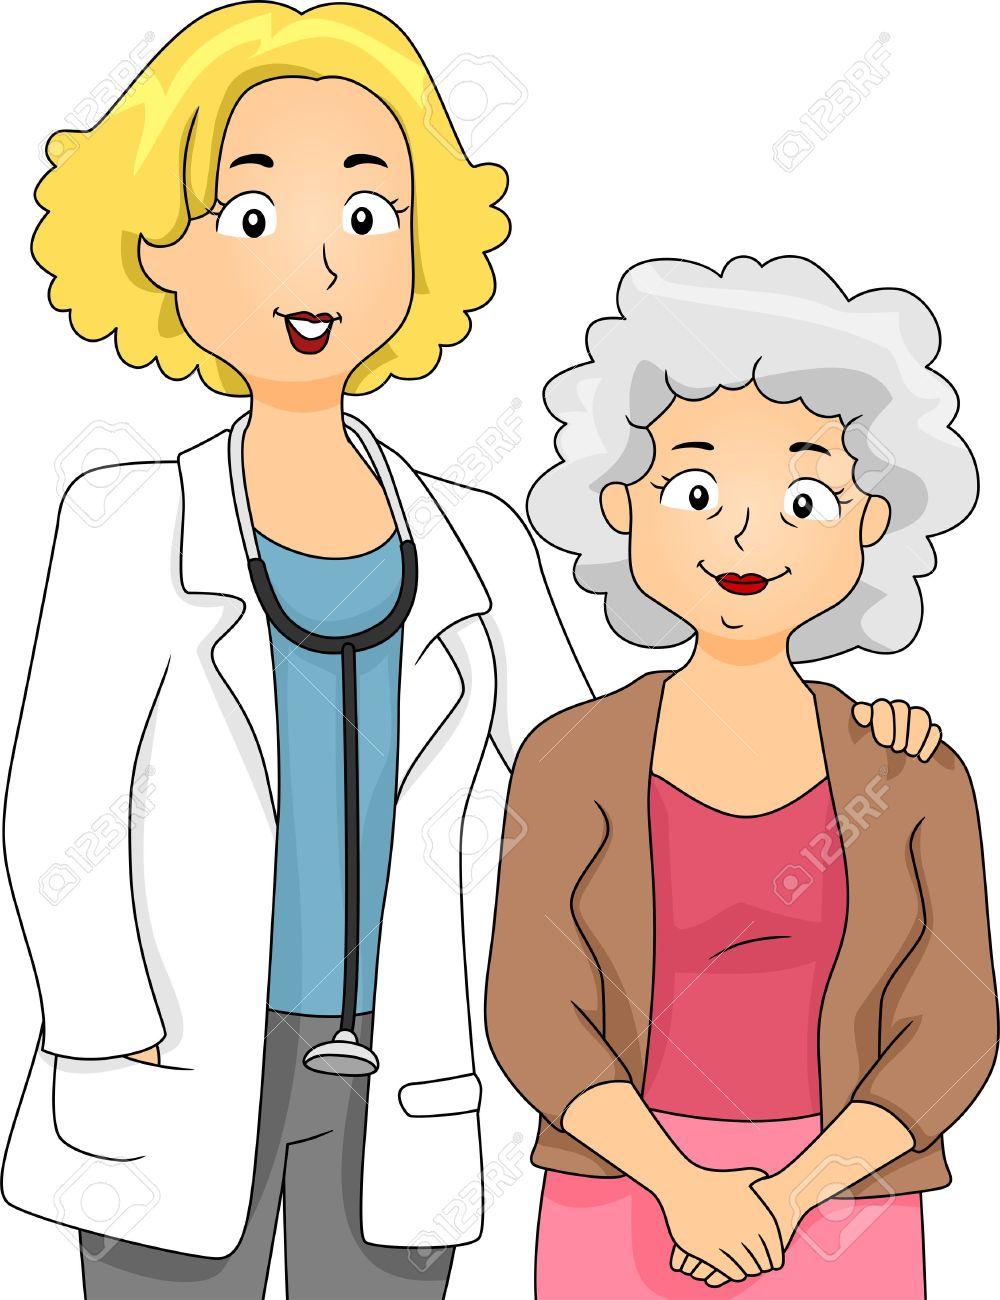 Ilustración De Un Médico A Su Lado Del Paciente